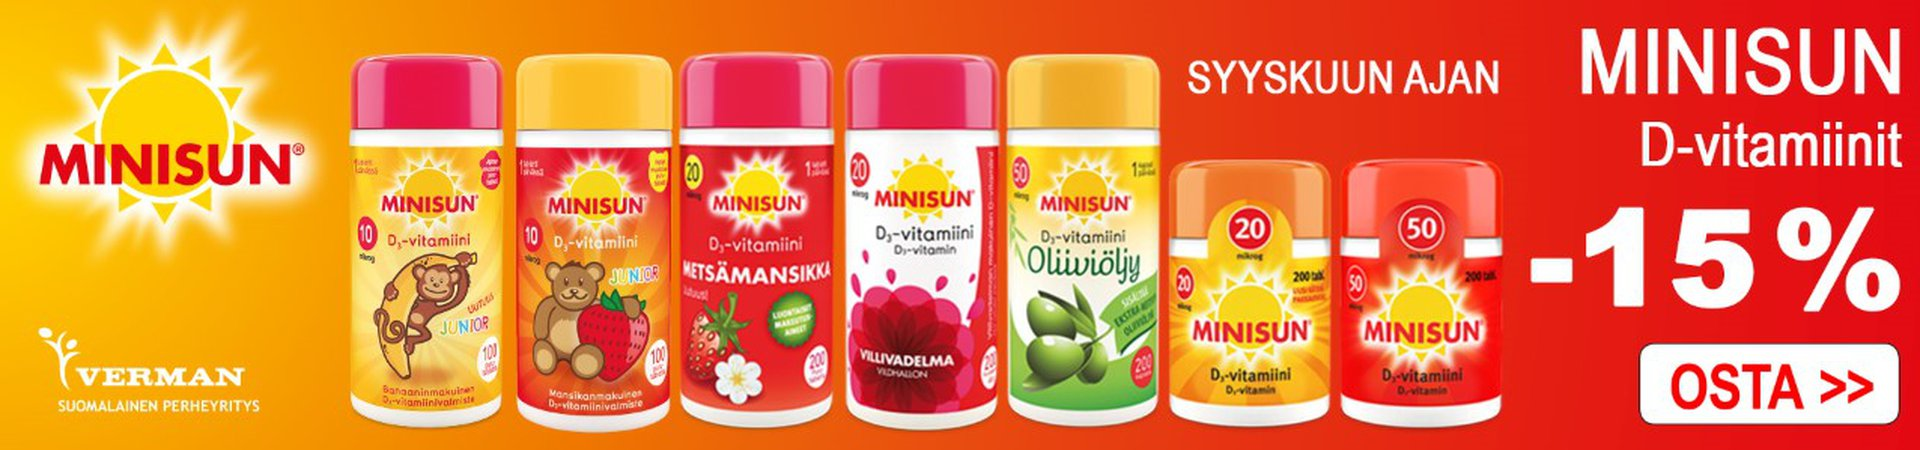 Minisun D-vitamiineja -15 %